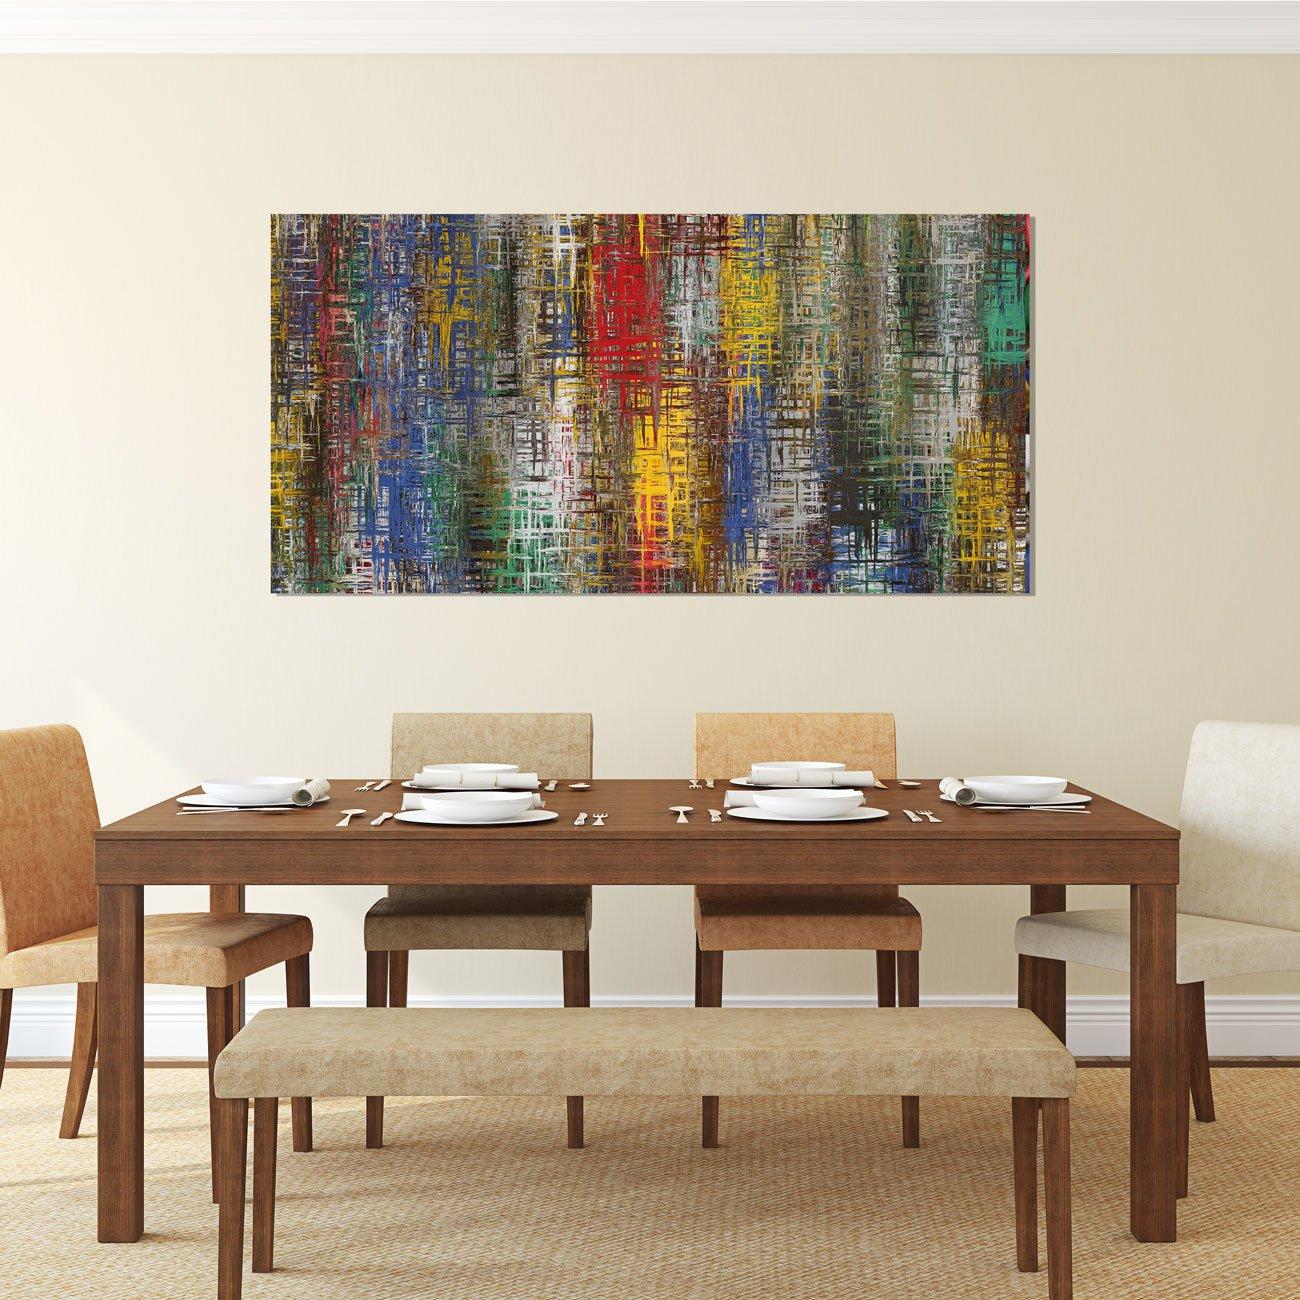 Uma admirável reprodução de arte em tela que reproduz lindamente o mesmo efeito de uma tela com pintura original.